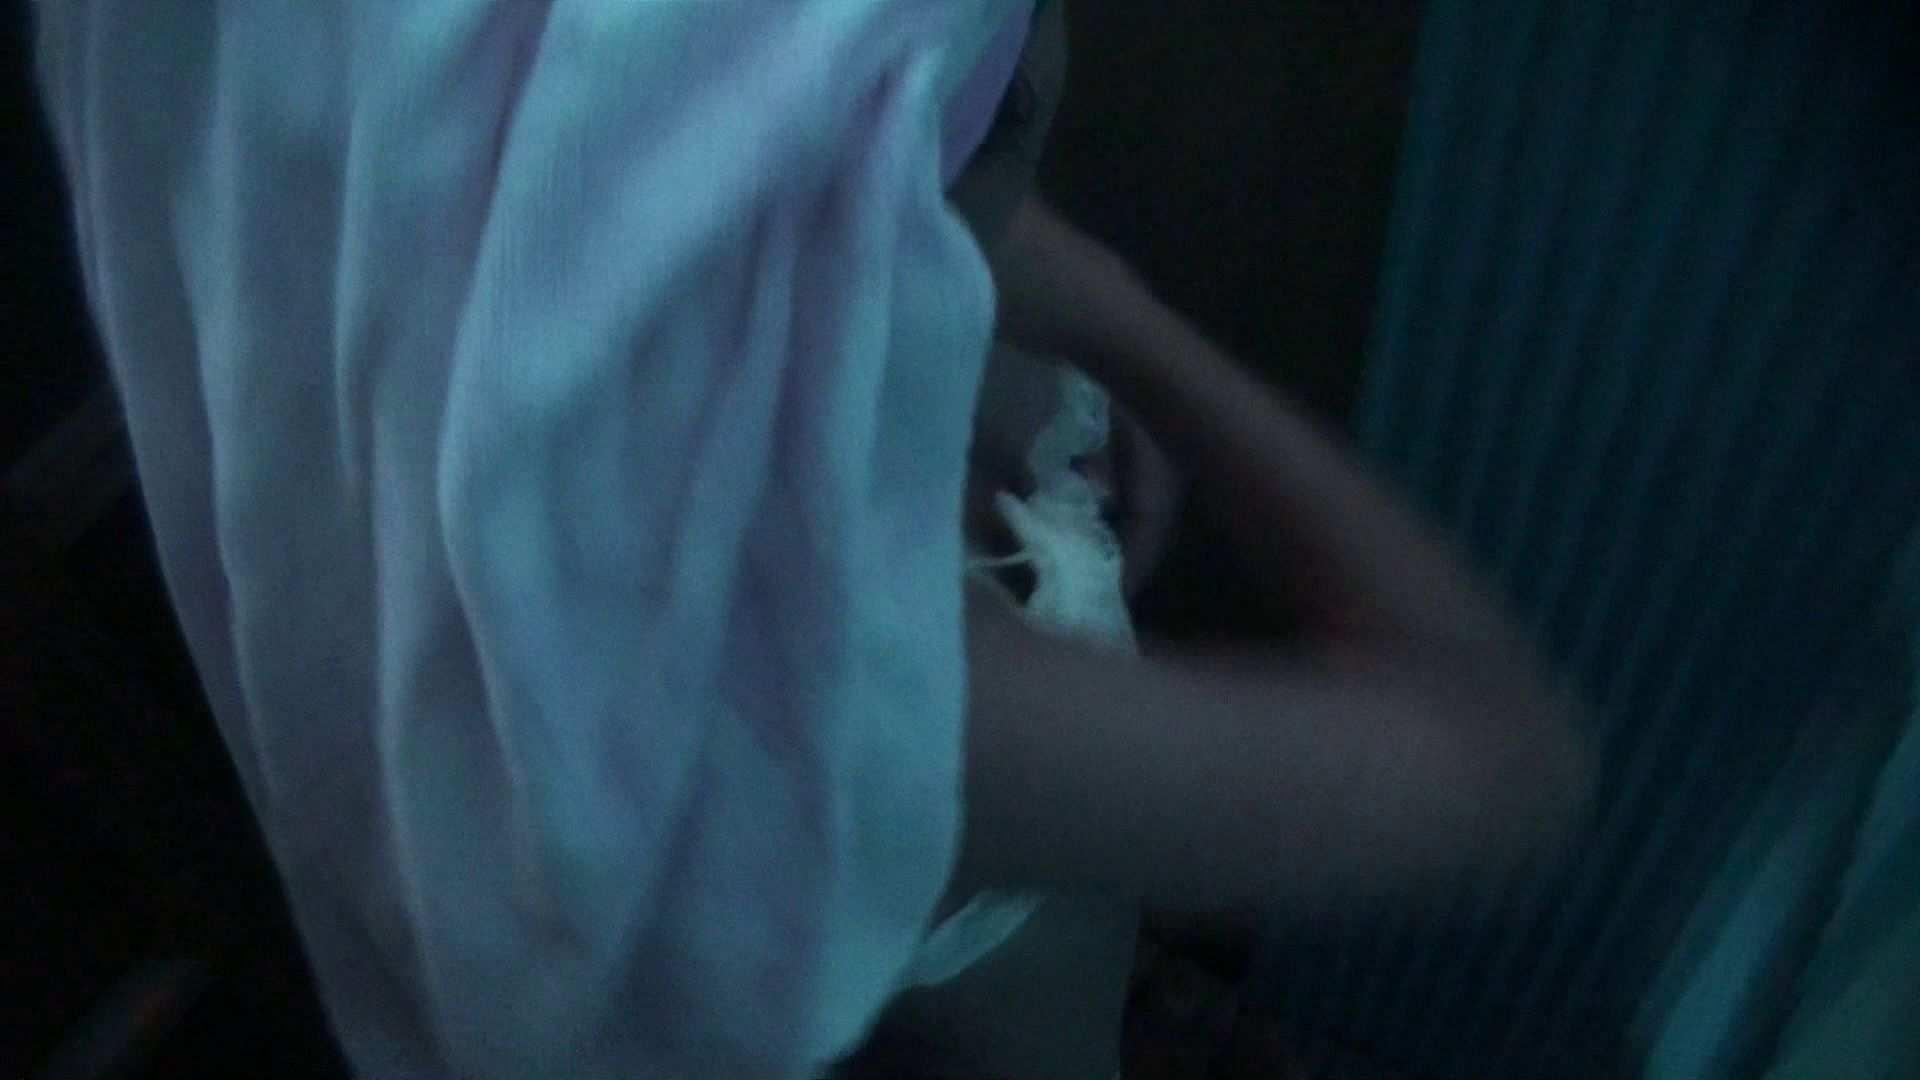 シャワールームは超!!危険な香りVol.26 大学生風美形ギャル 暗さが残念! OLヌード天国 セックス無修正動画無料 103PIX 14